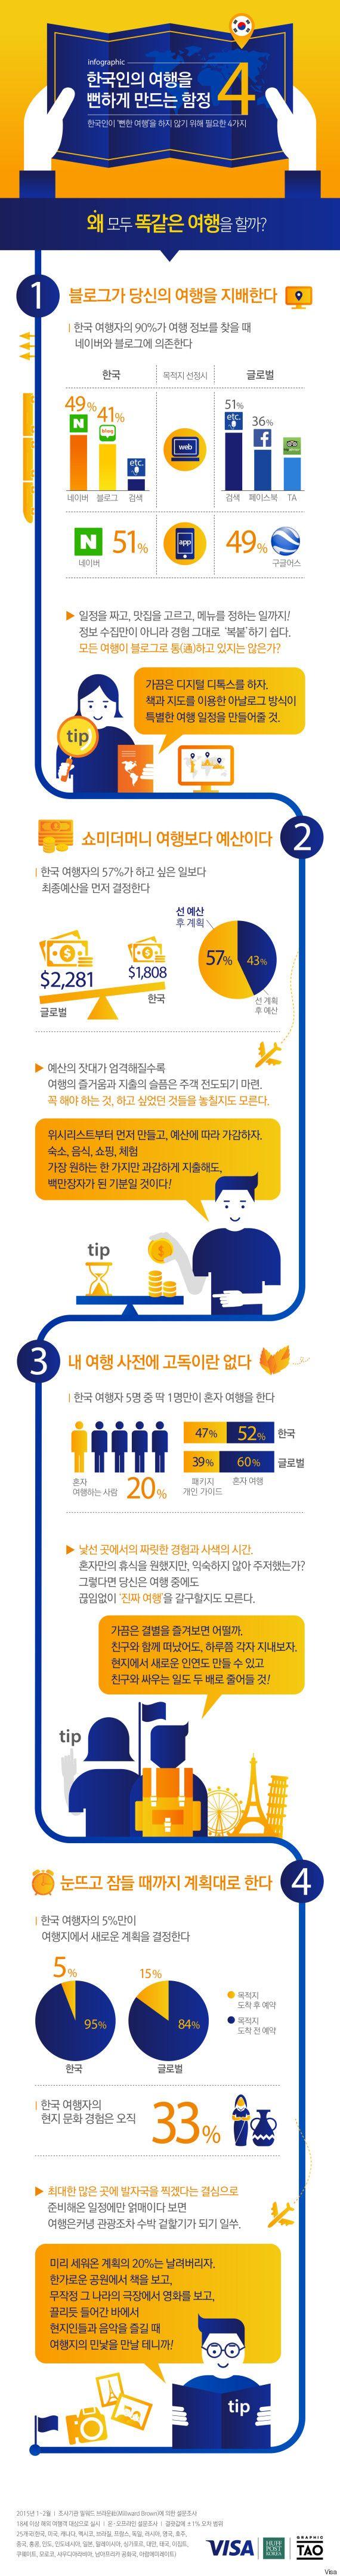 한국인의 여행을 뻔하게 만드는 4가지 함정